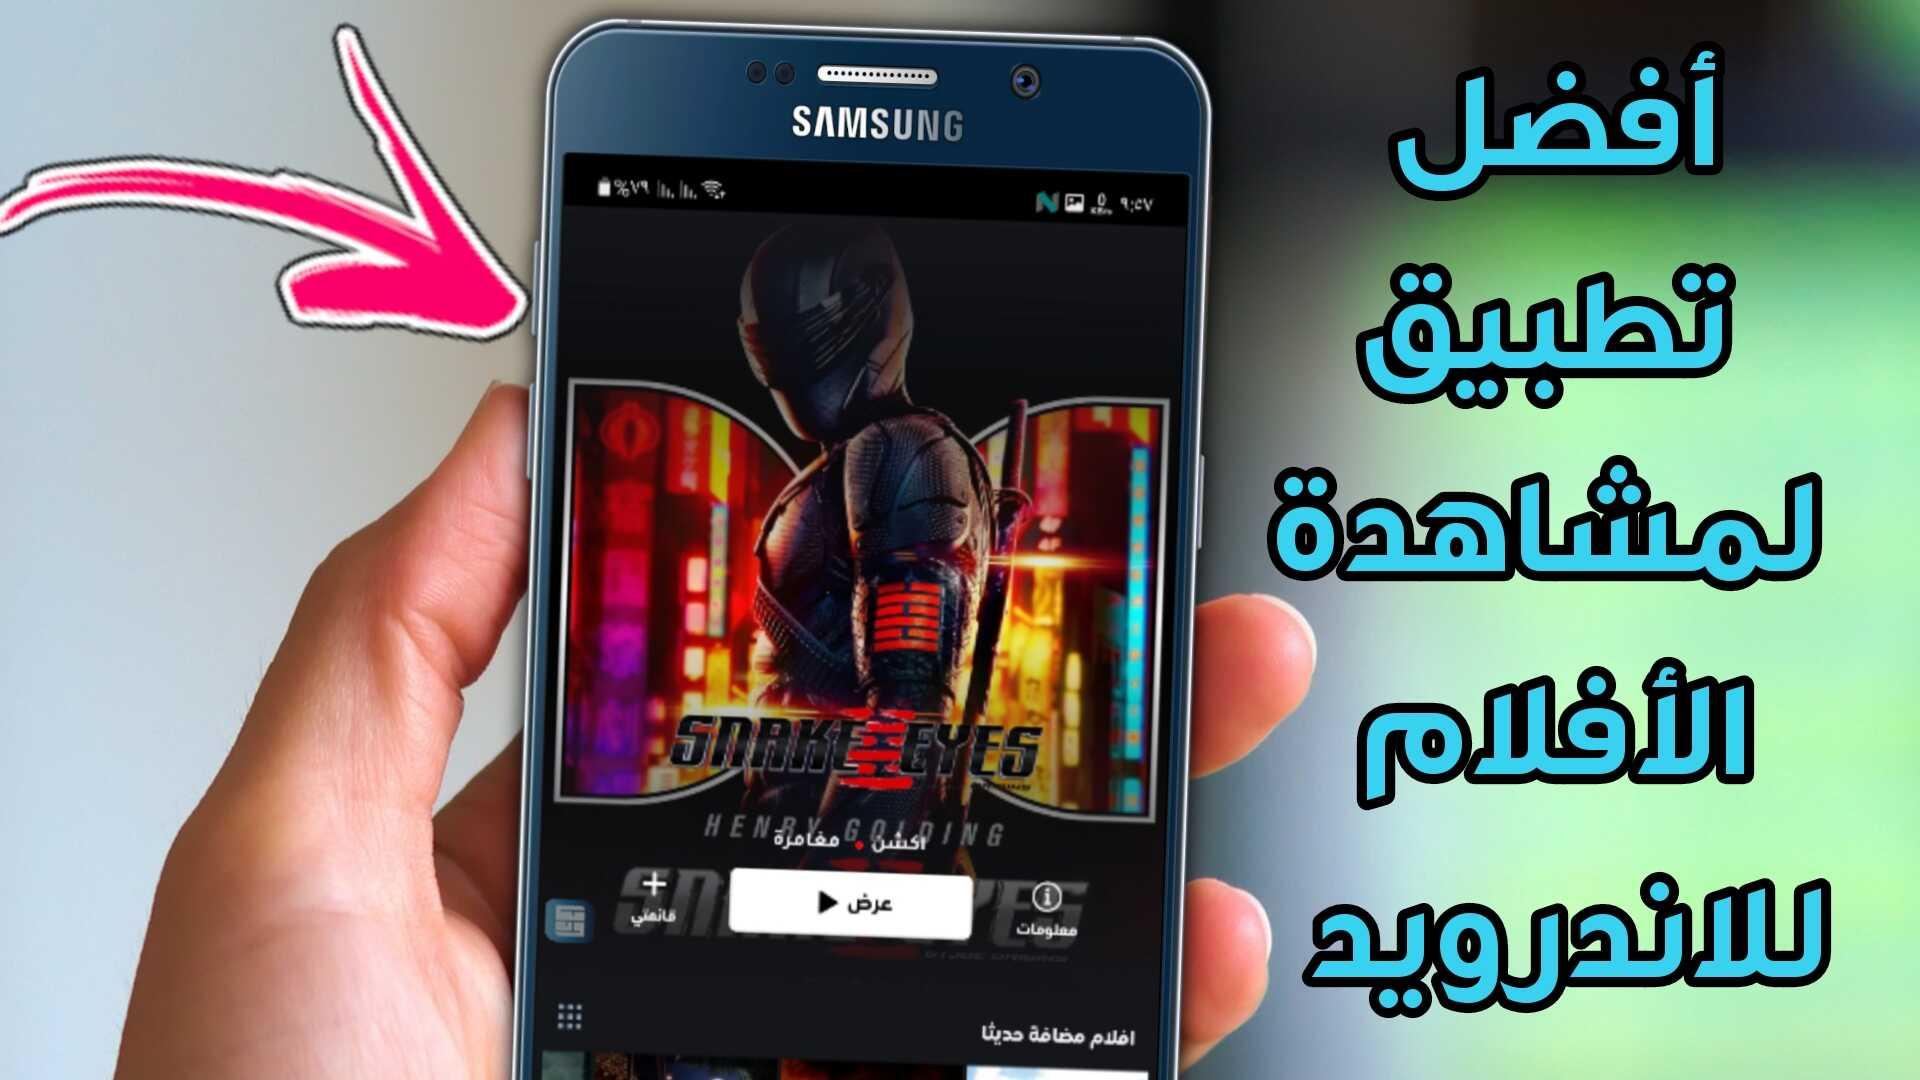 أفضل تطبيق لمشاهدة الأفلام للاندرويد يدعم الترجمة الى العربية